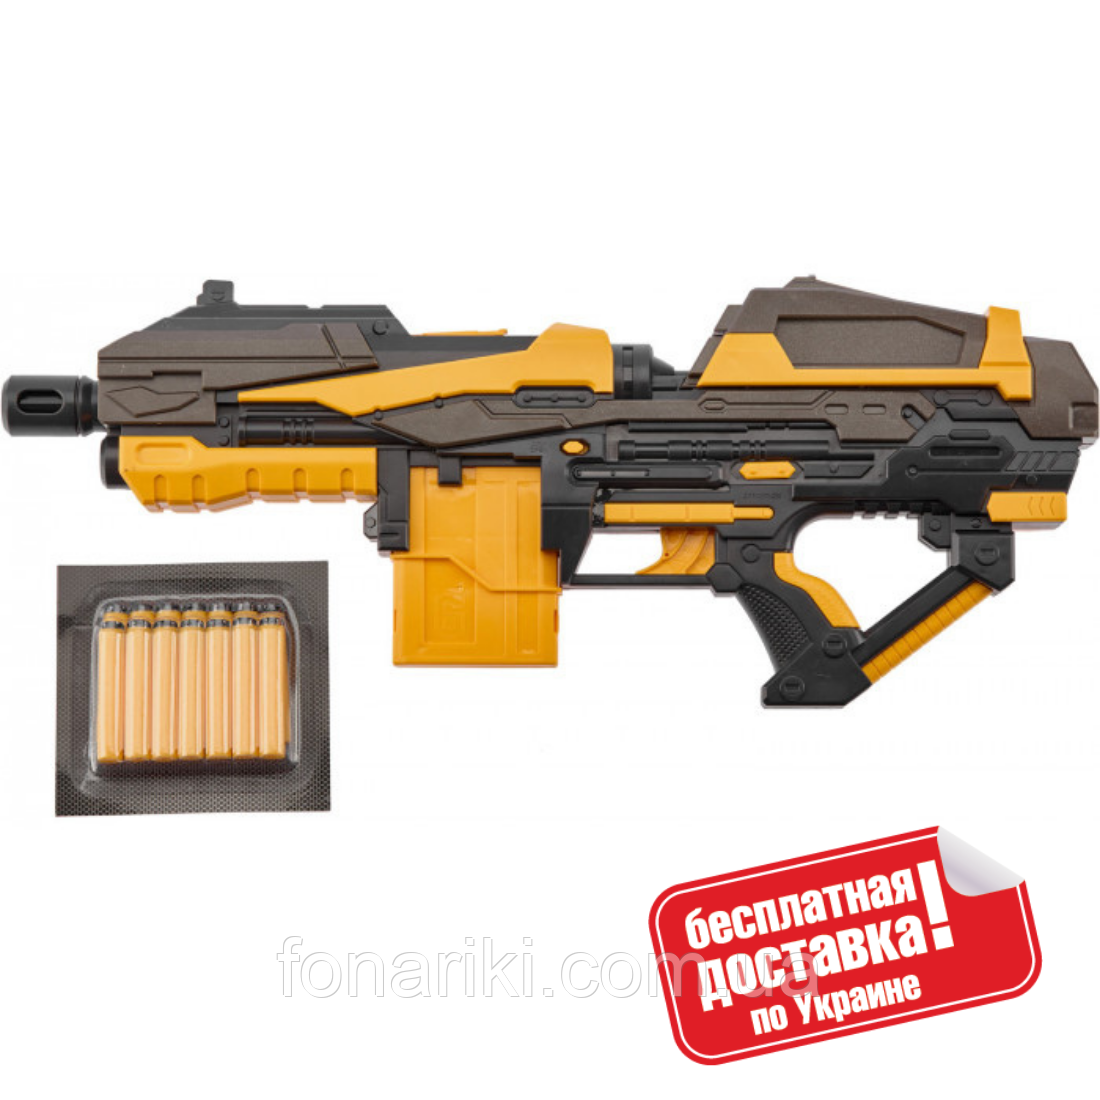 Бластер ZIPP Toys з м'якими кулями FJ1055 10 патронів